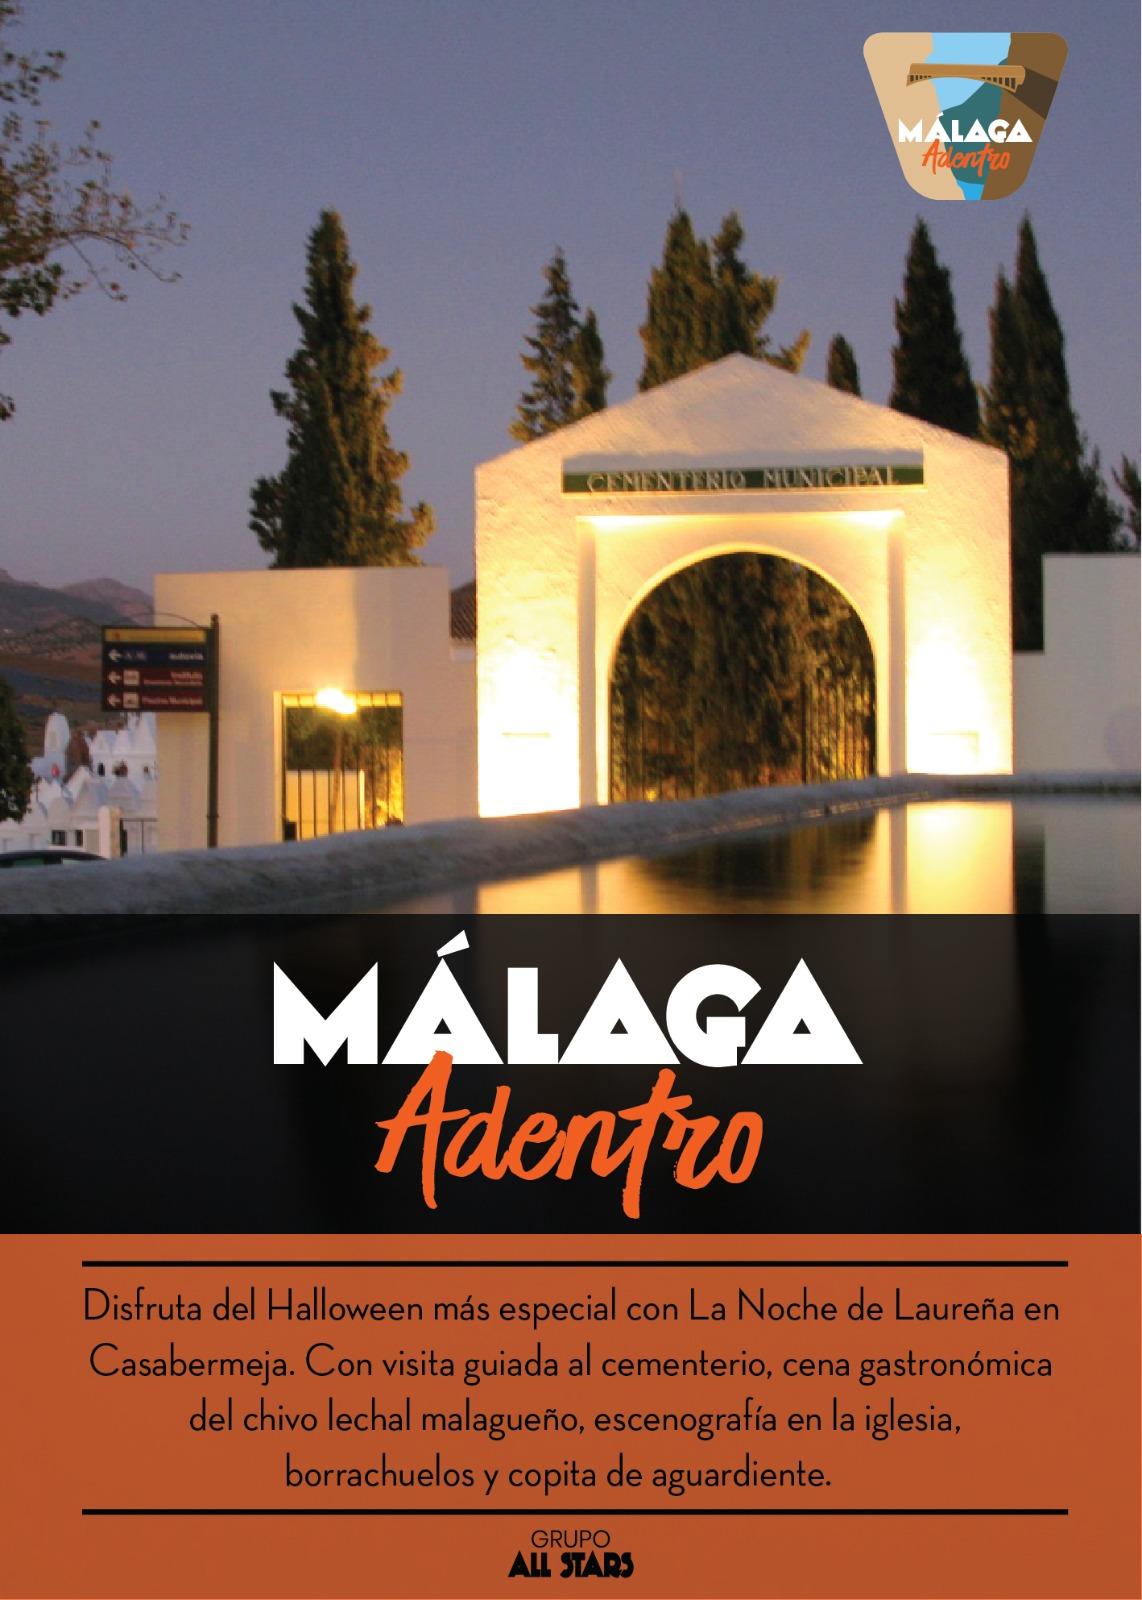 Malaga Adentro